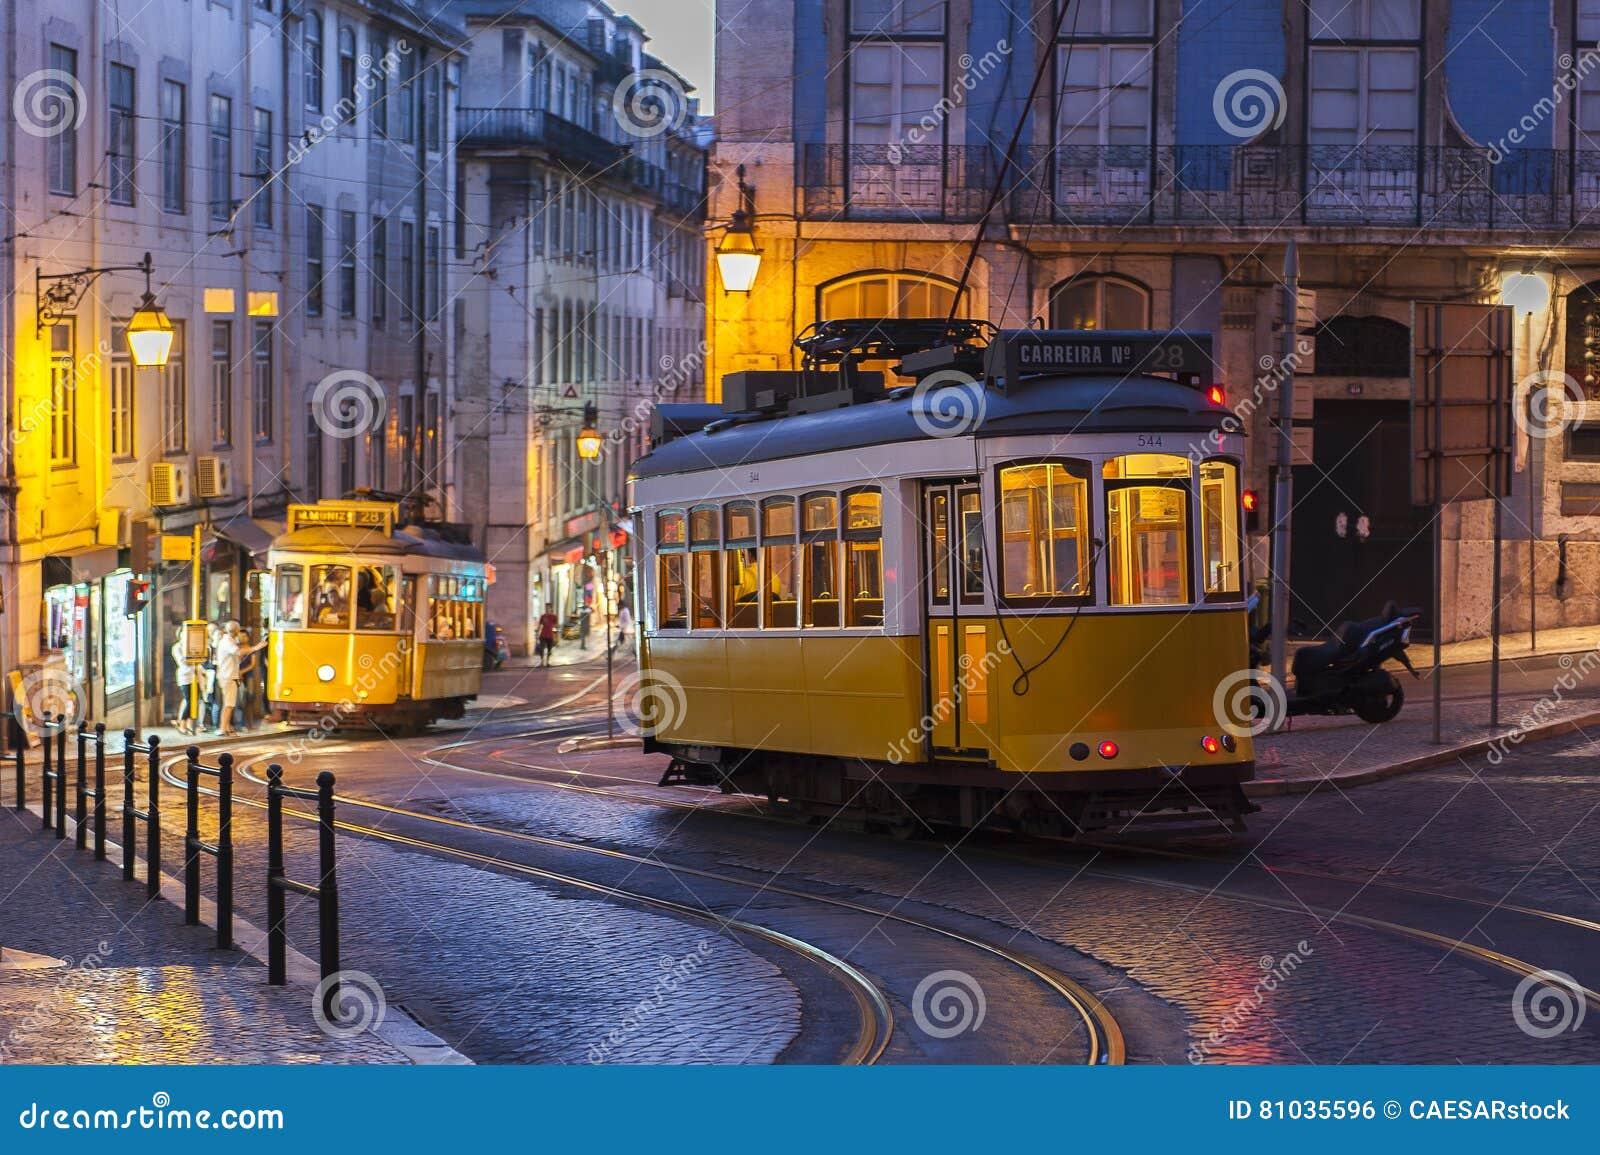 Transporte o carro na rua na noite em Lisboa, Portugal